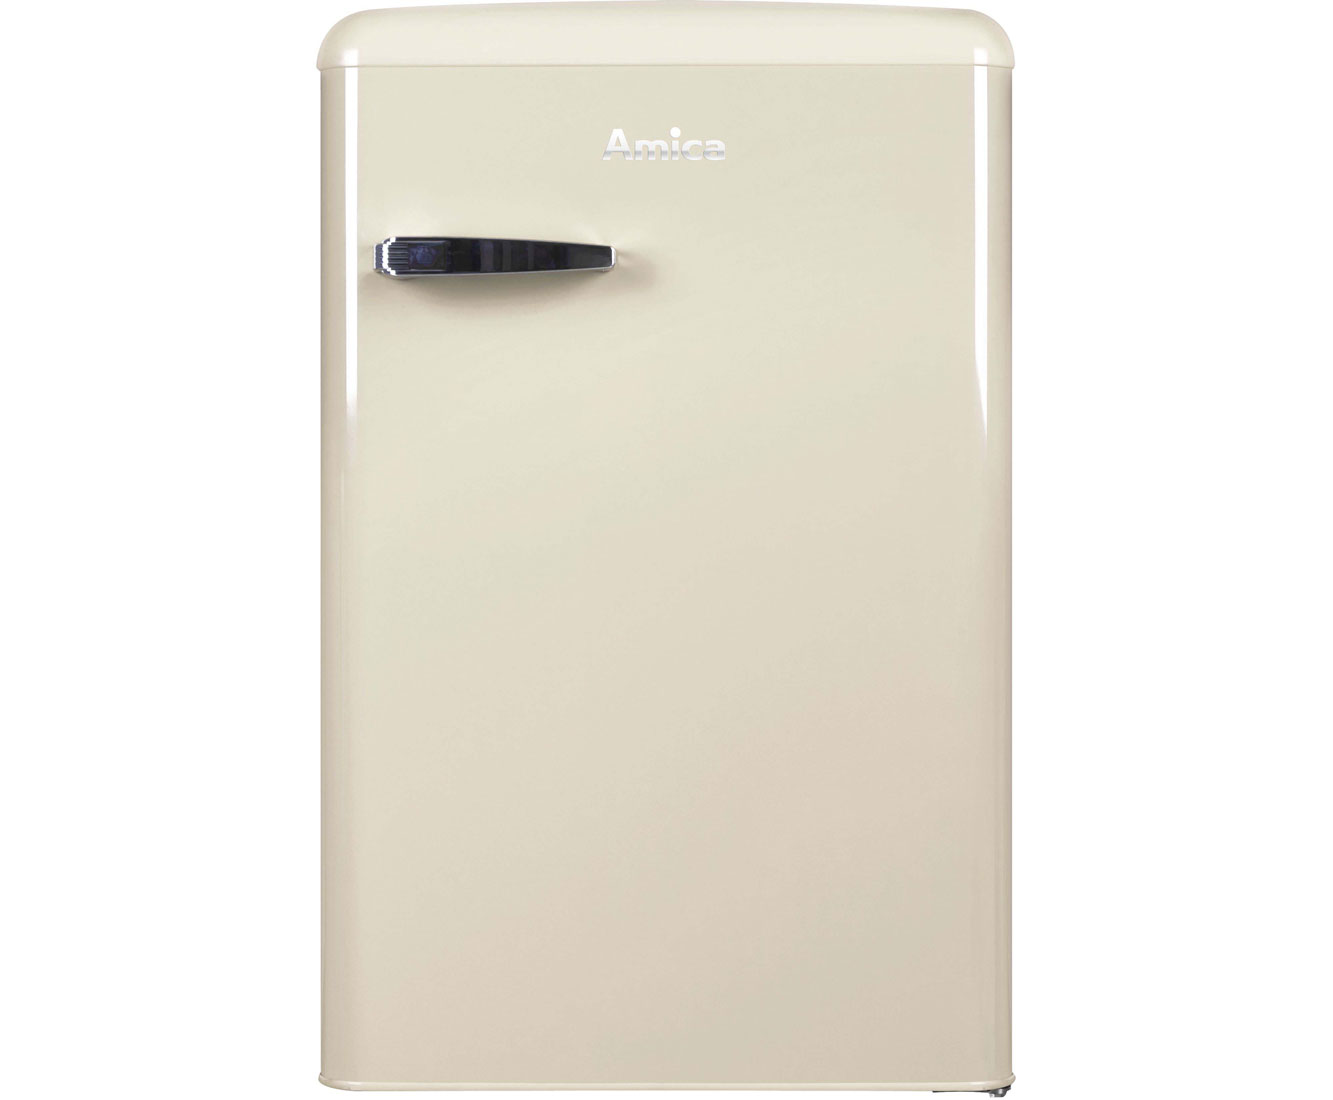 Retro Kühlschrank Pink : Amica retro design ks 15615 b kühlschrank mit gefrierfach beige